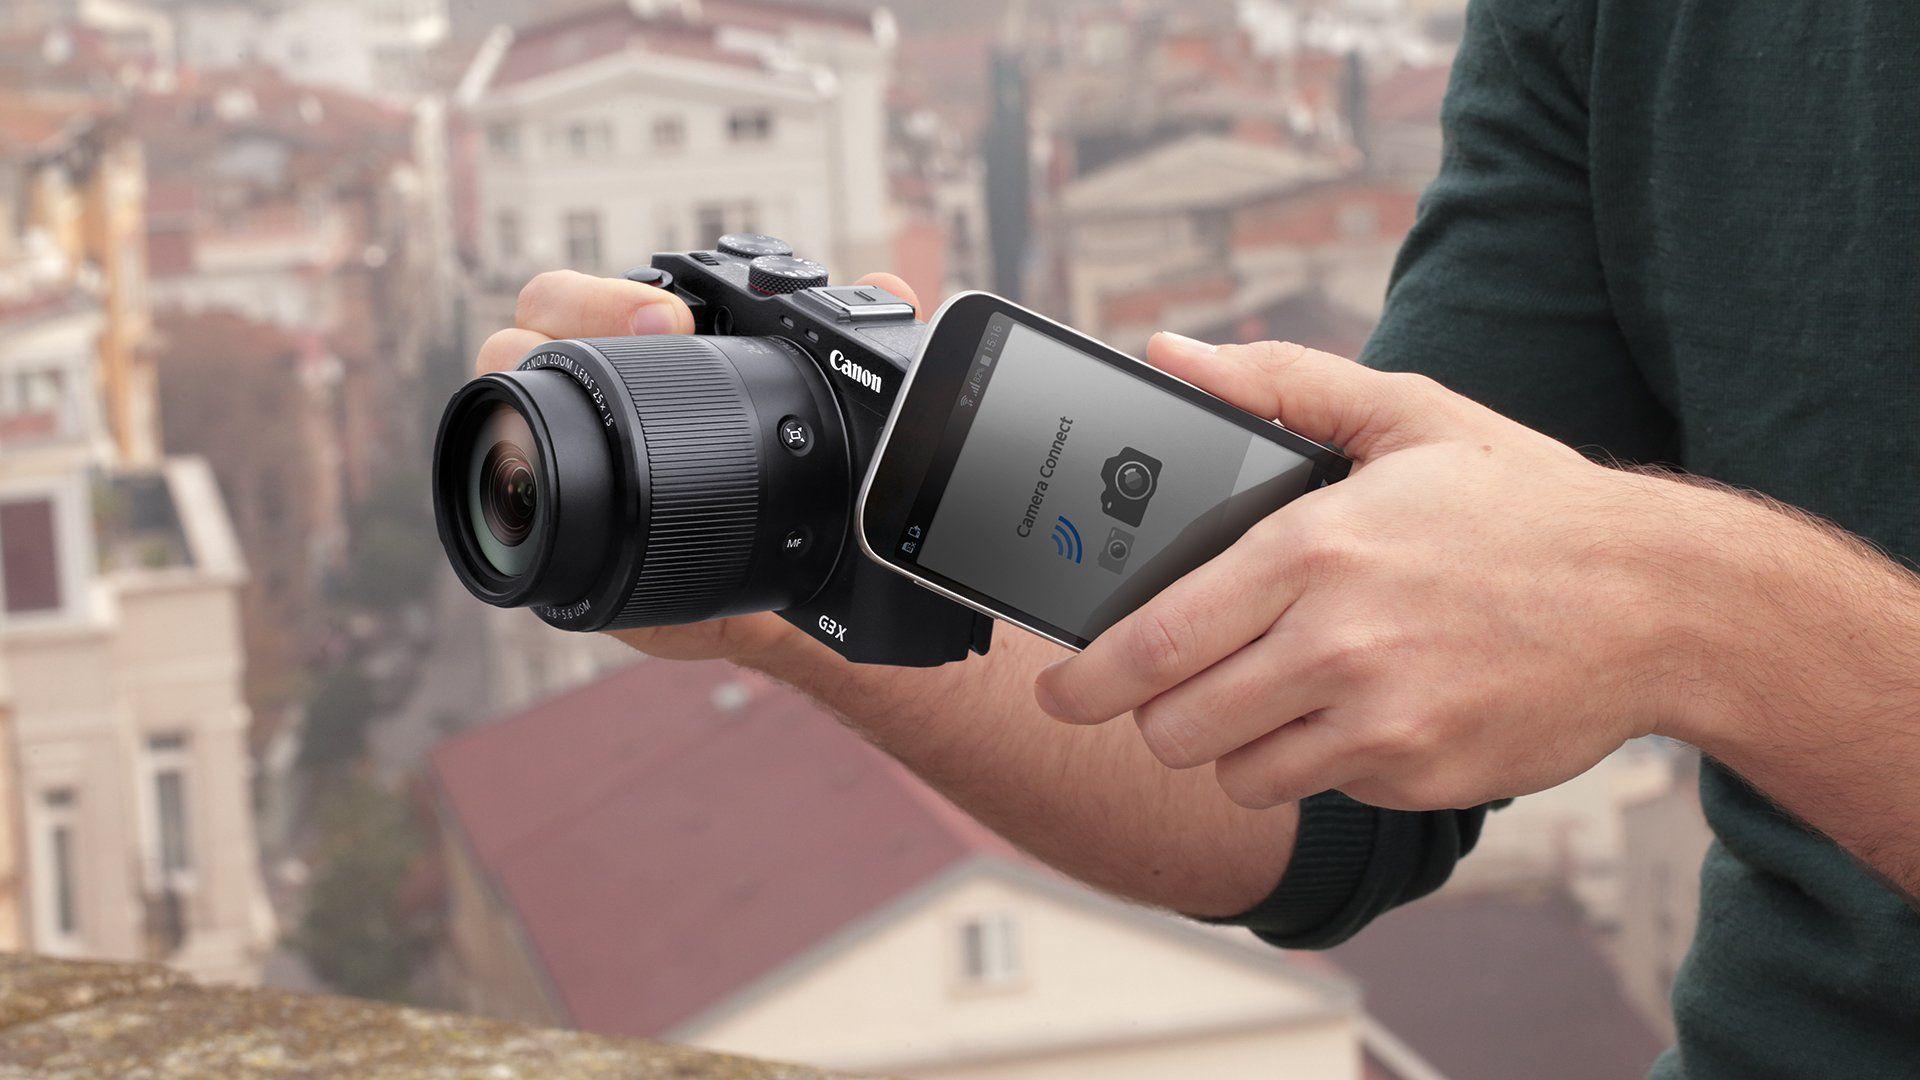 Live kamera verden levende